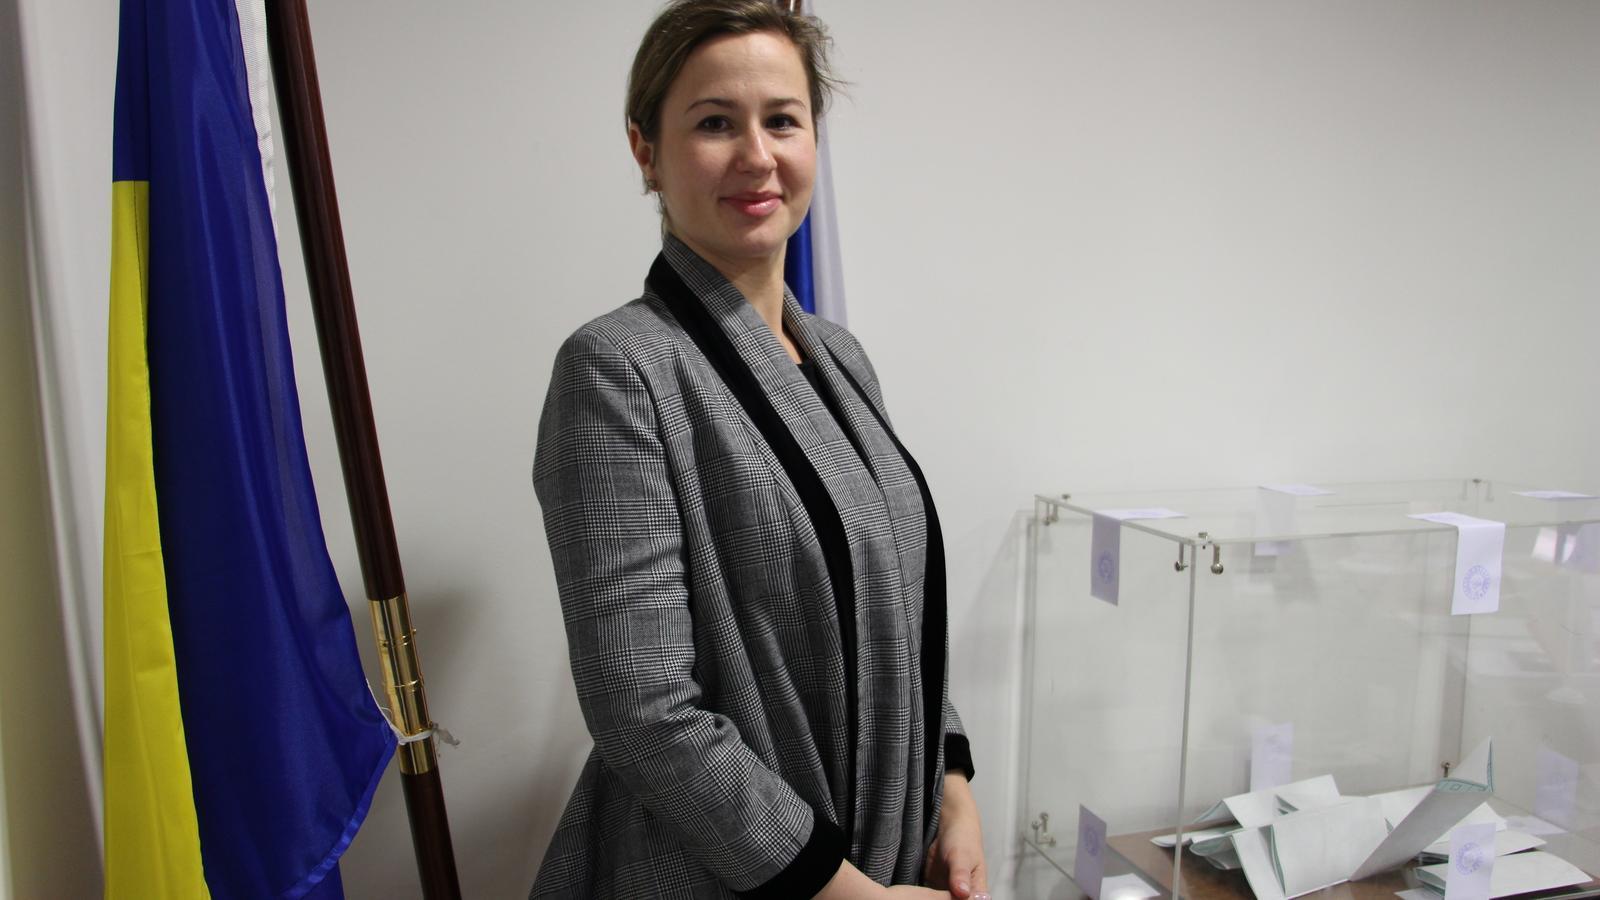 La segona secretària de l'ambaixada de Rússia a Espanya, Nadia Dementieva, al costat de l'urna. / M. F.